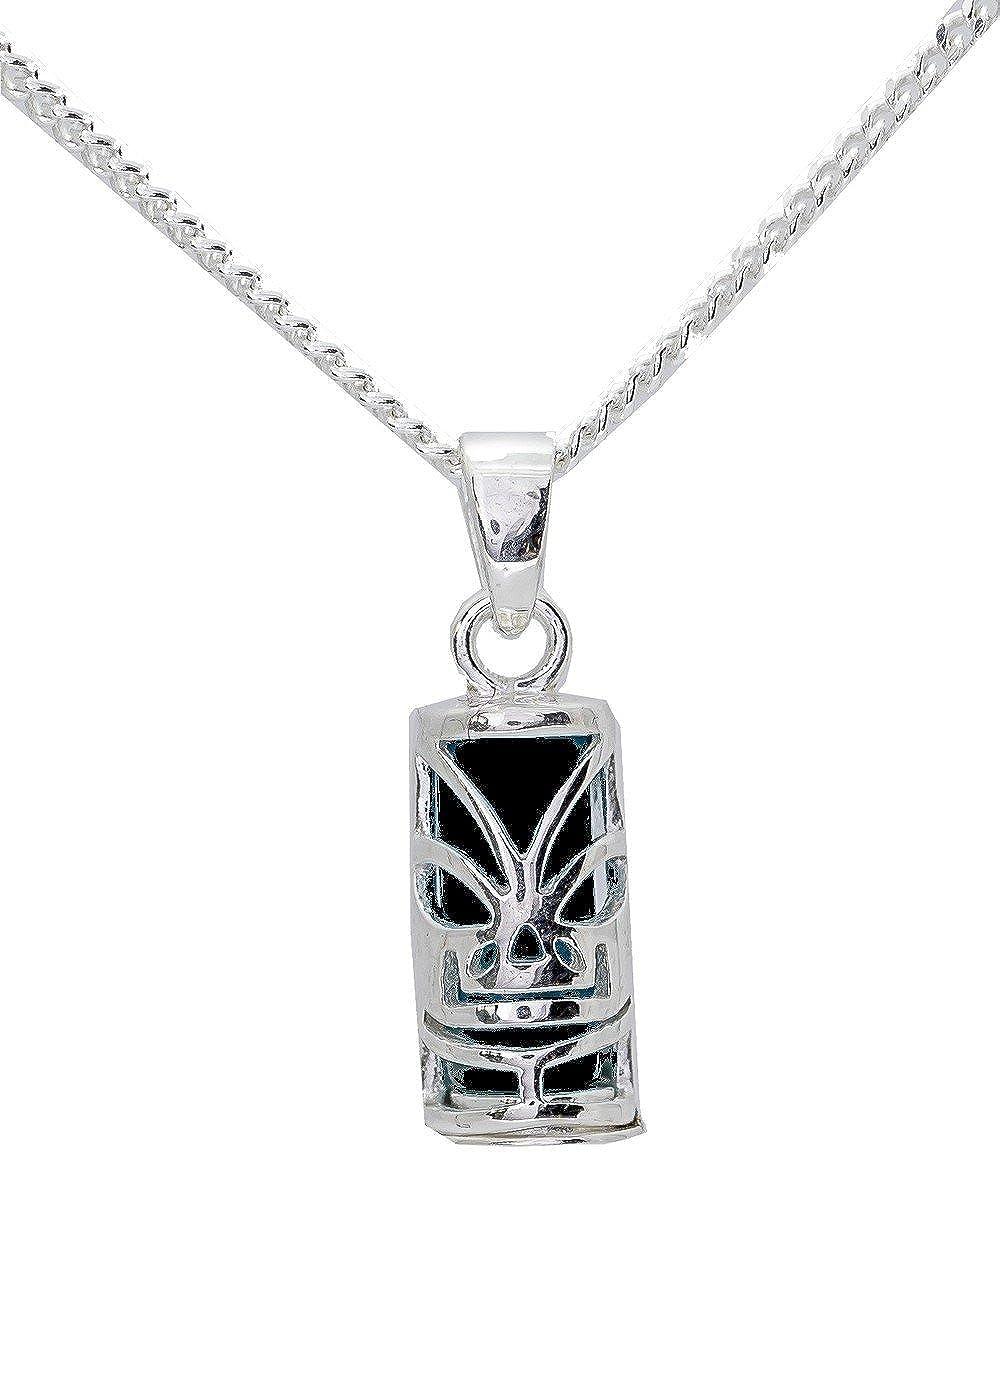 Amulette tahitienne porte bonheur tiki et sa chaine 50cm en argent massif 925 neuf et avec boite coffret noir